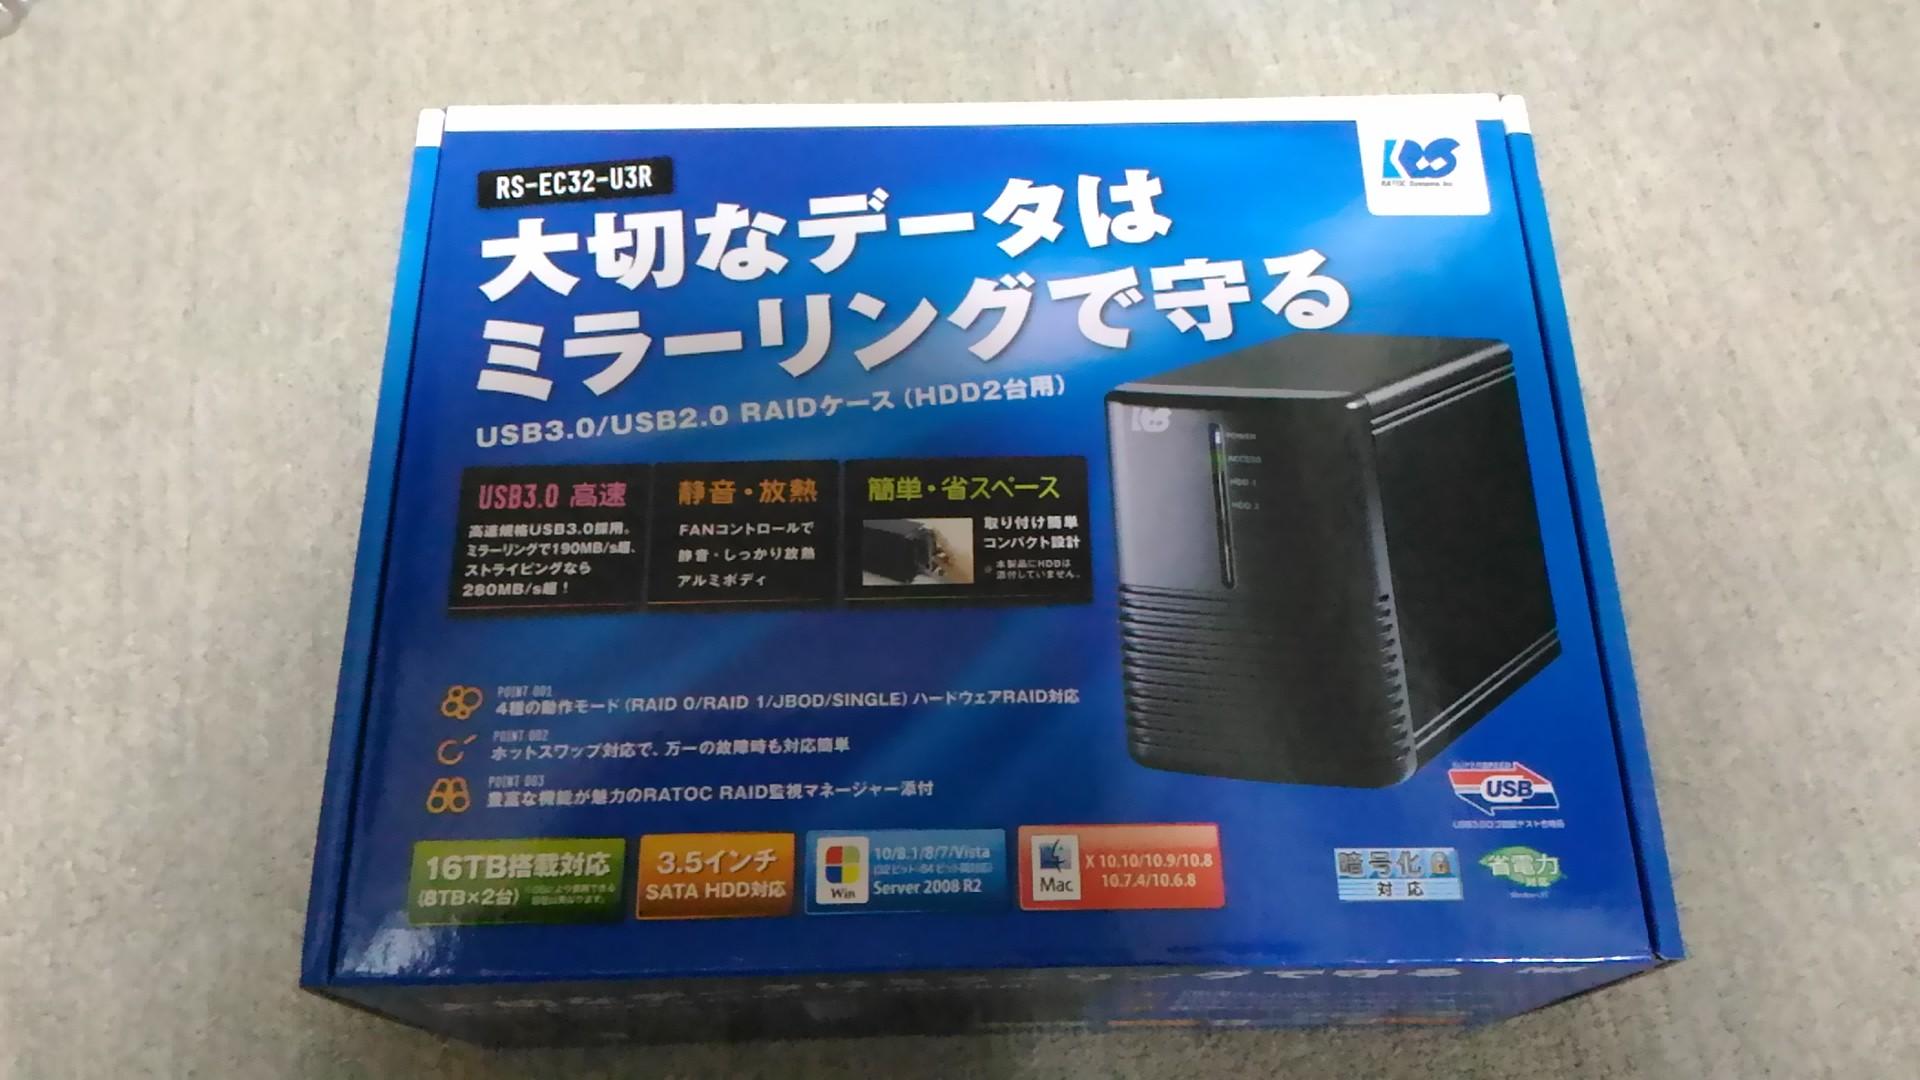 RS-EC32-U3R_01